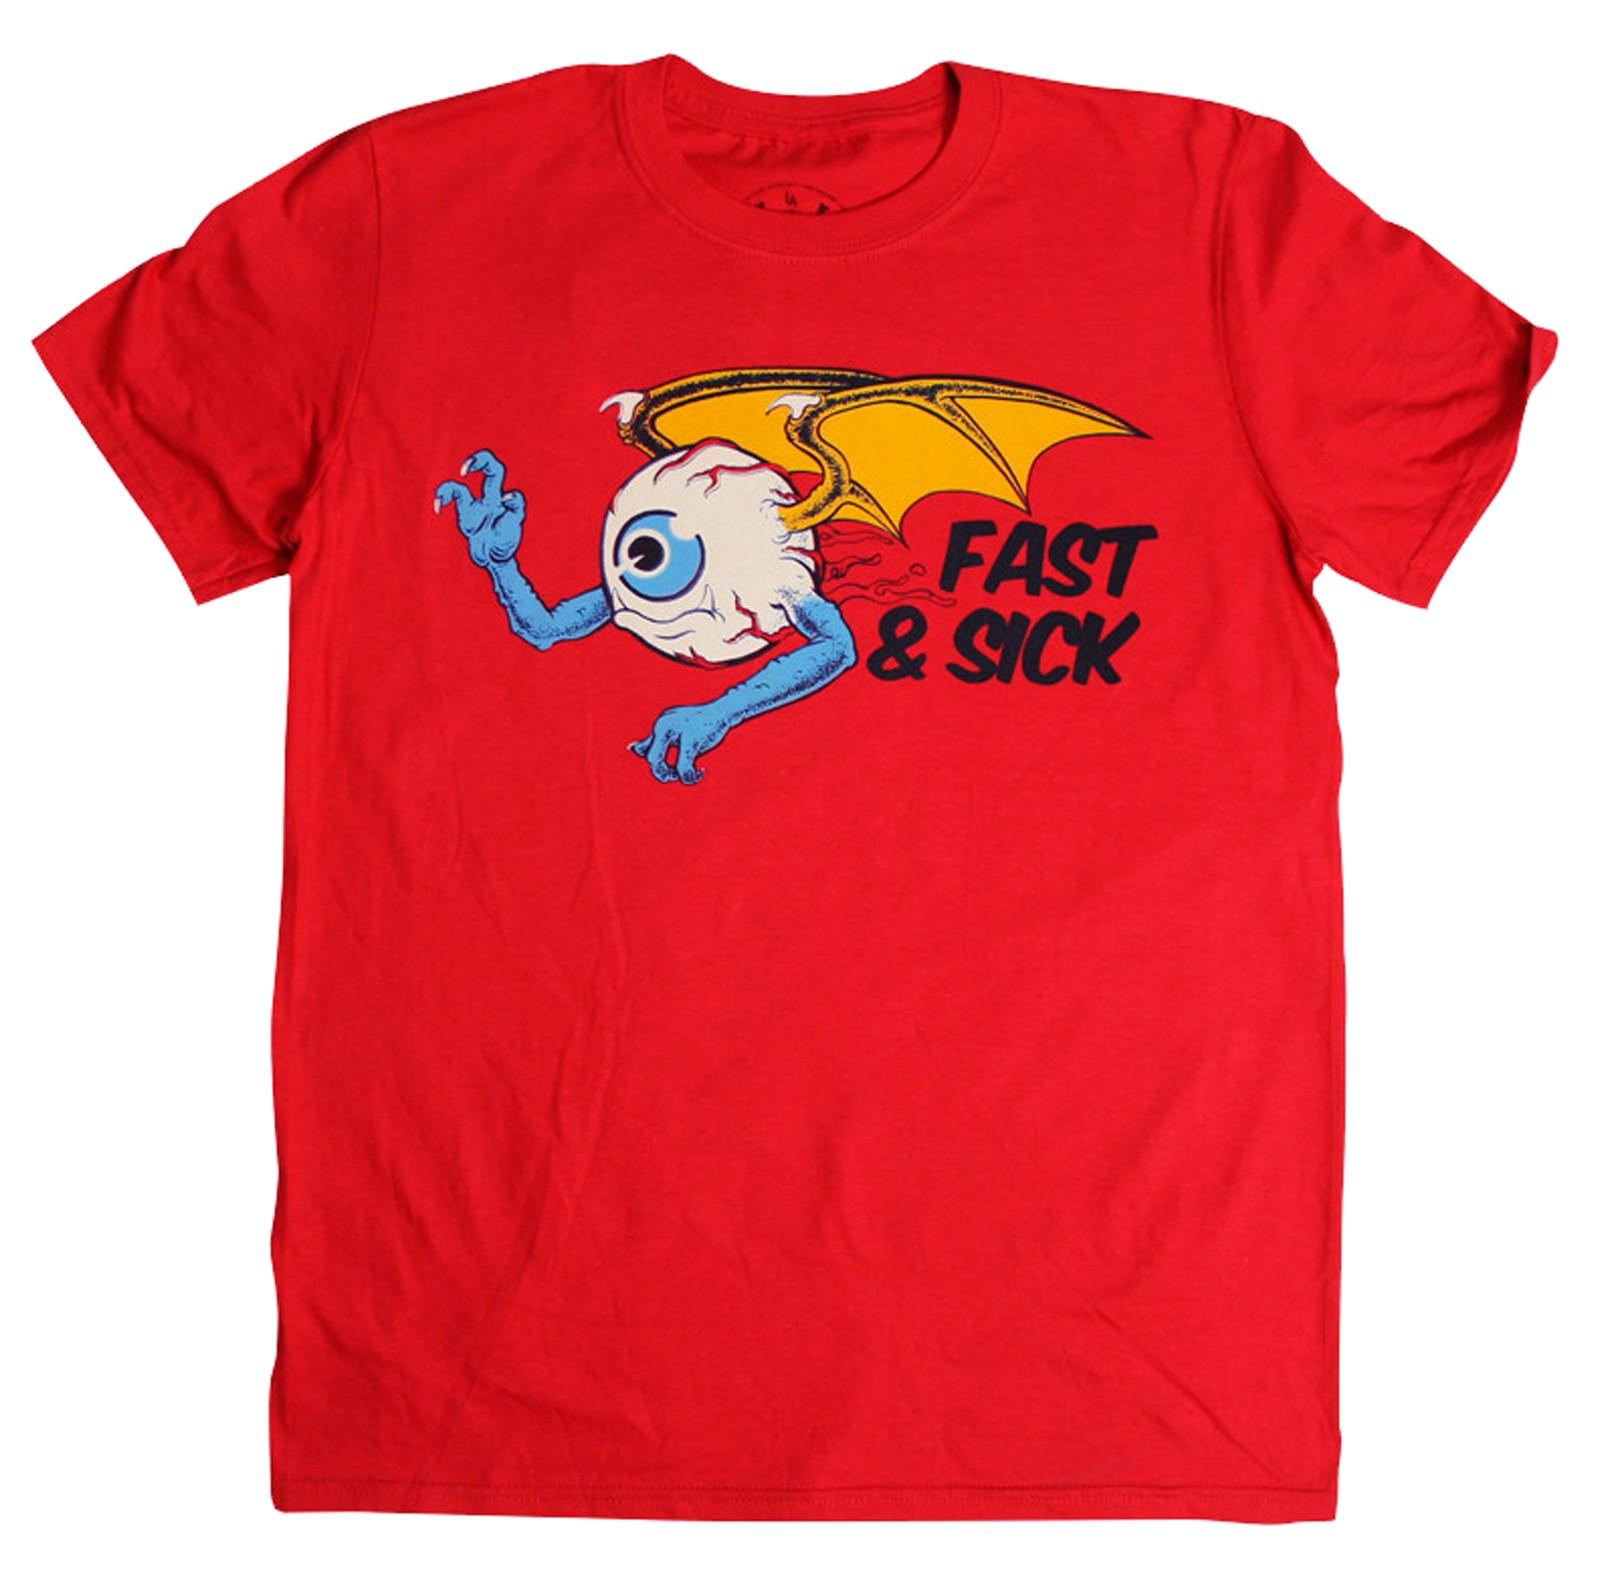 La Marca Del Diablo - Fast & Sick T-Shirt